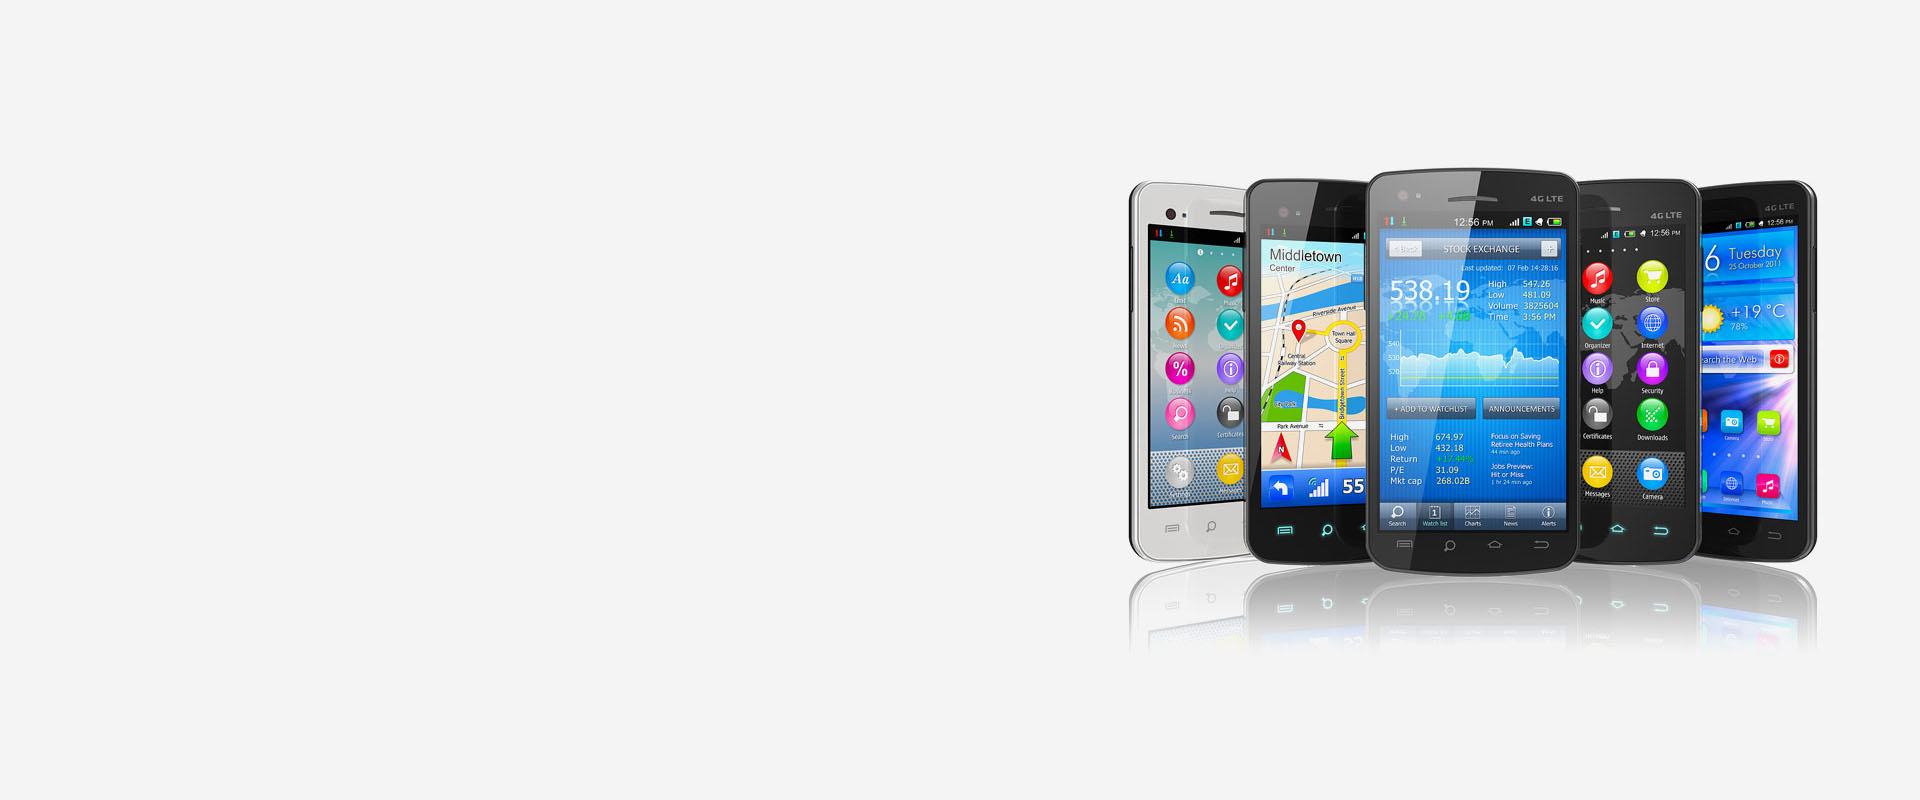 mobile-phone-slide